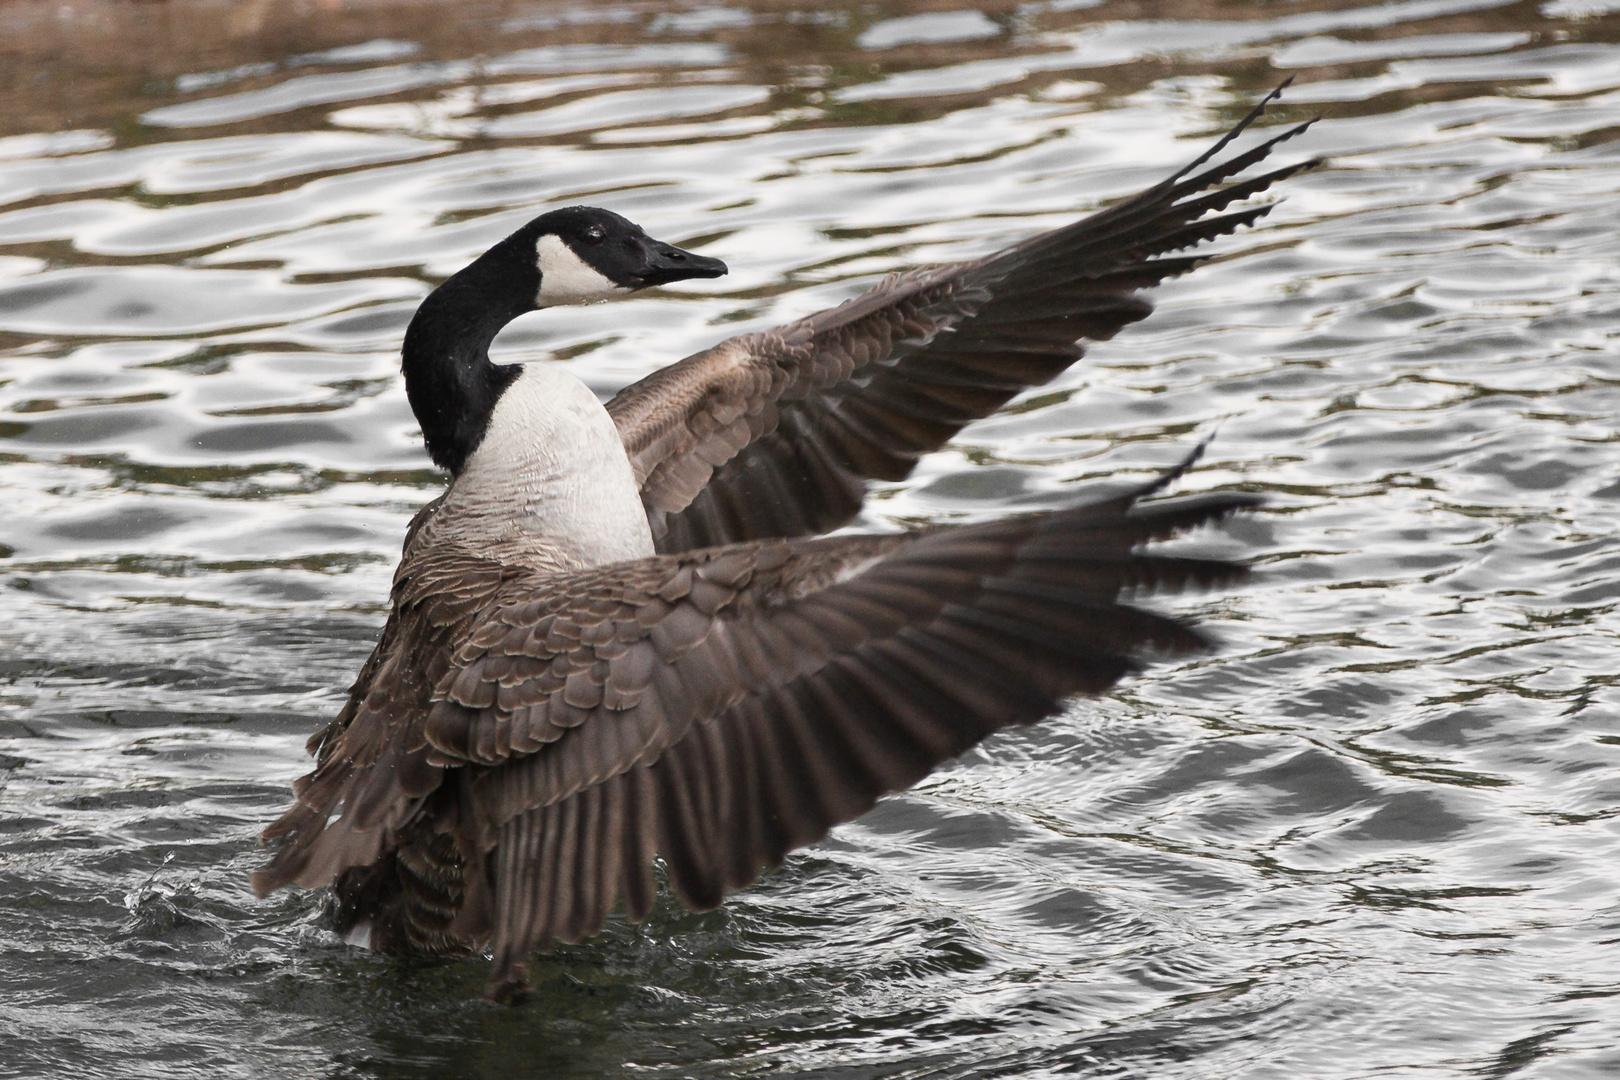 Kanadagans Flügel ausbreitend